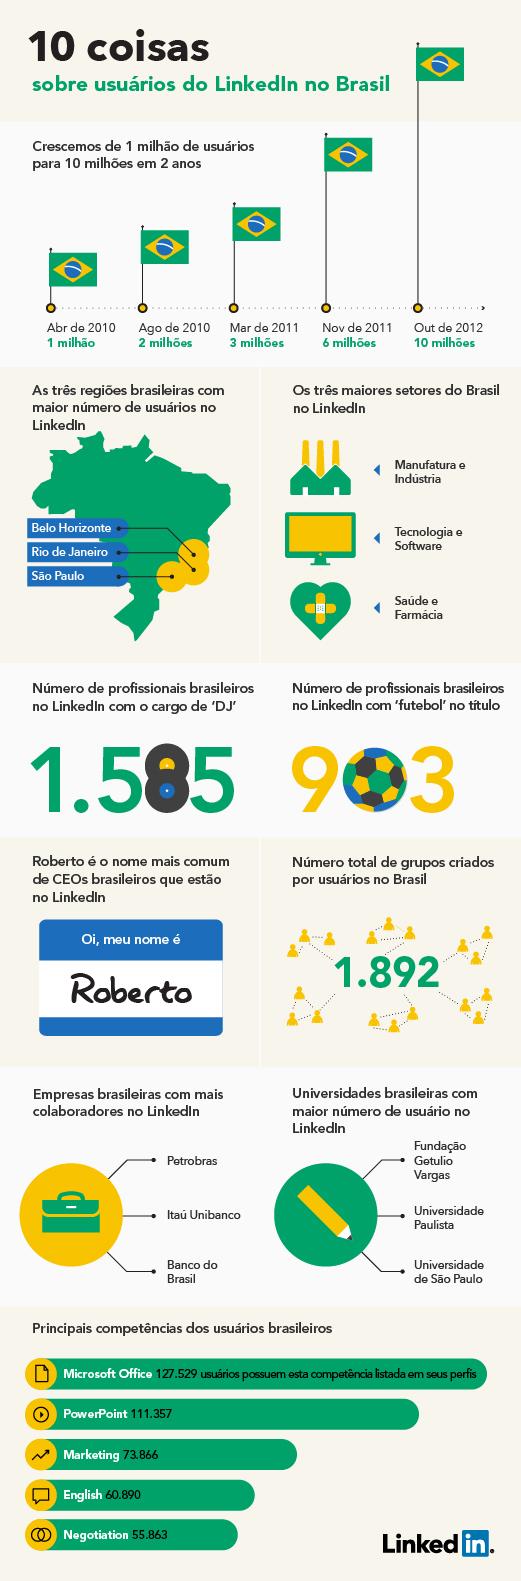 10 coisas sobre usuários do LinkedIn no Brasil